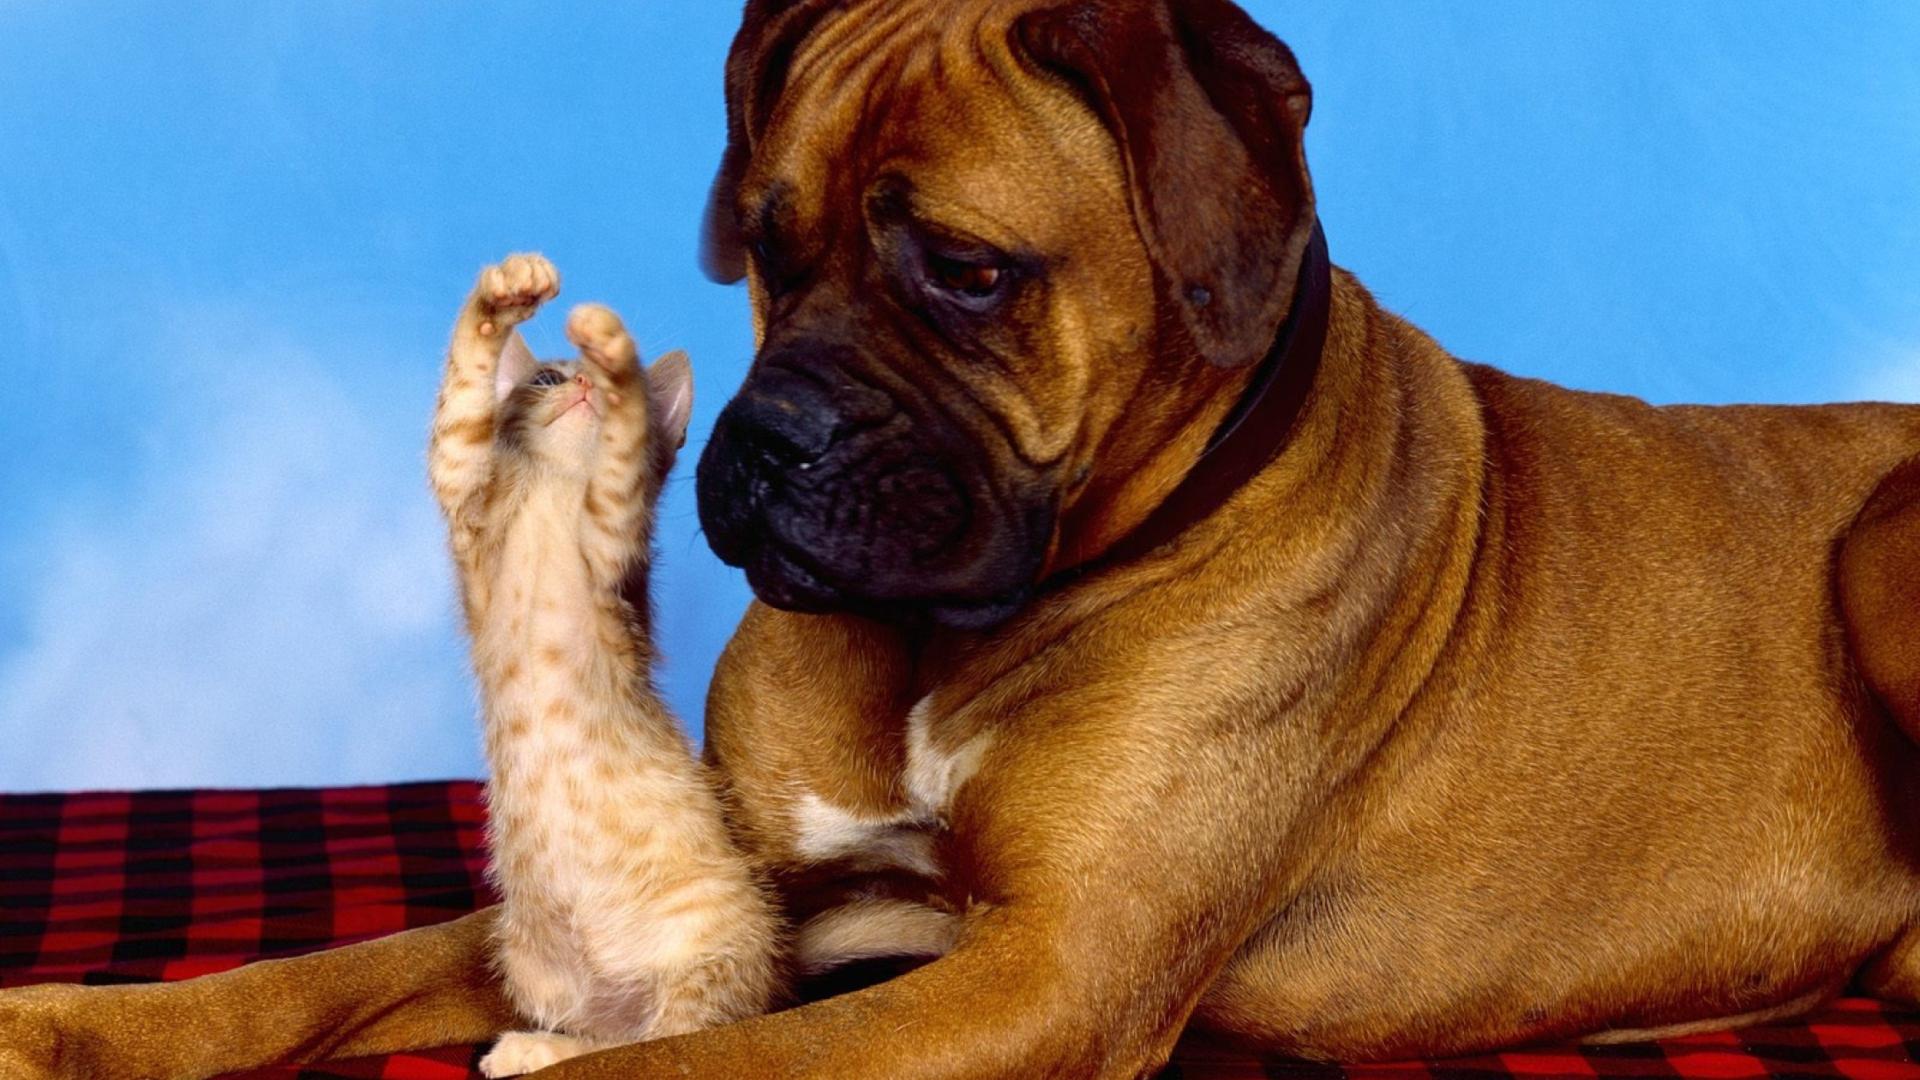 ошибки картинки на рабочий собака боксер сайта гарантируем полную